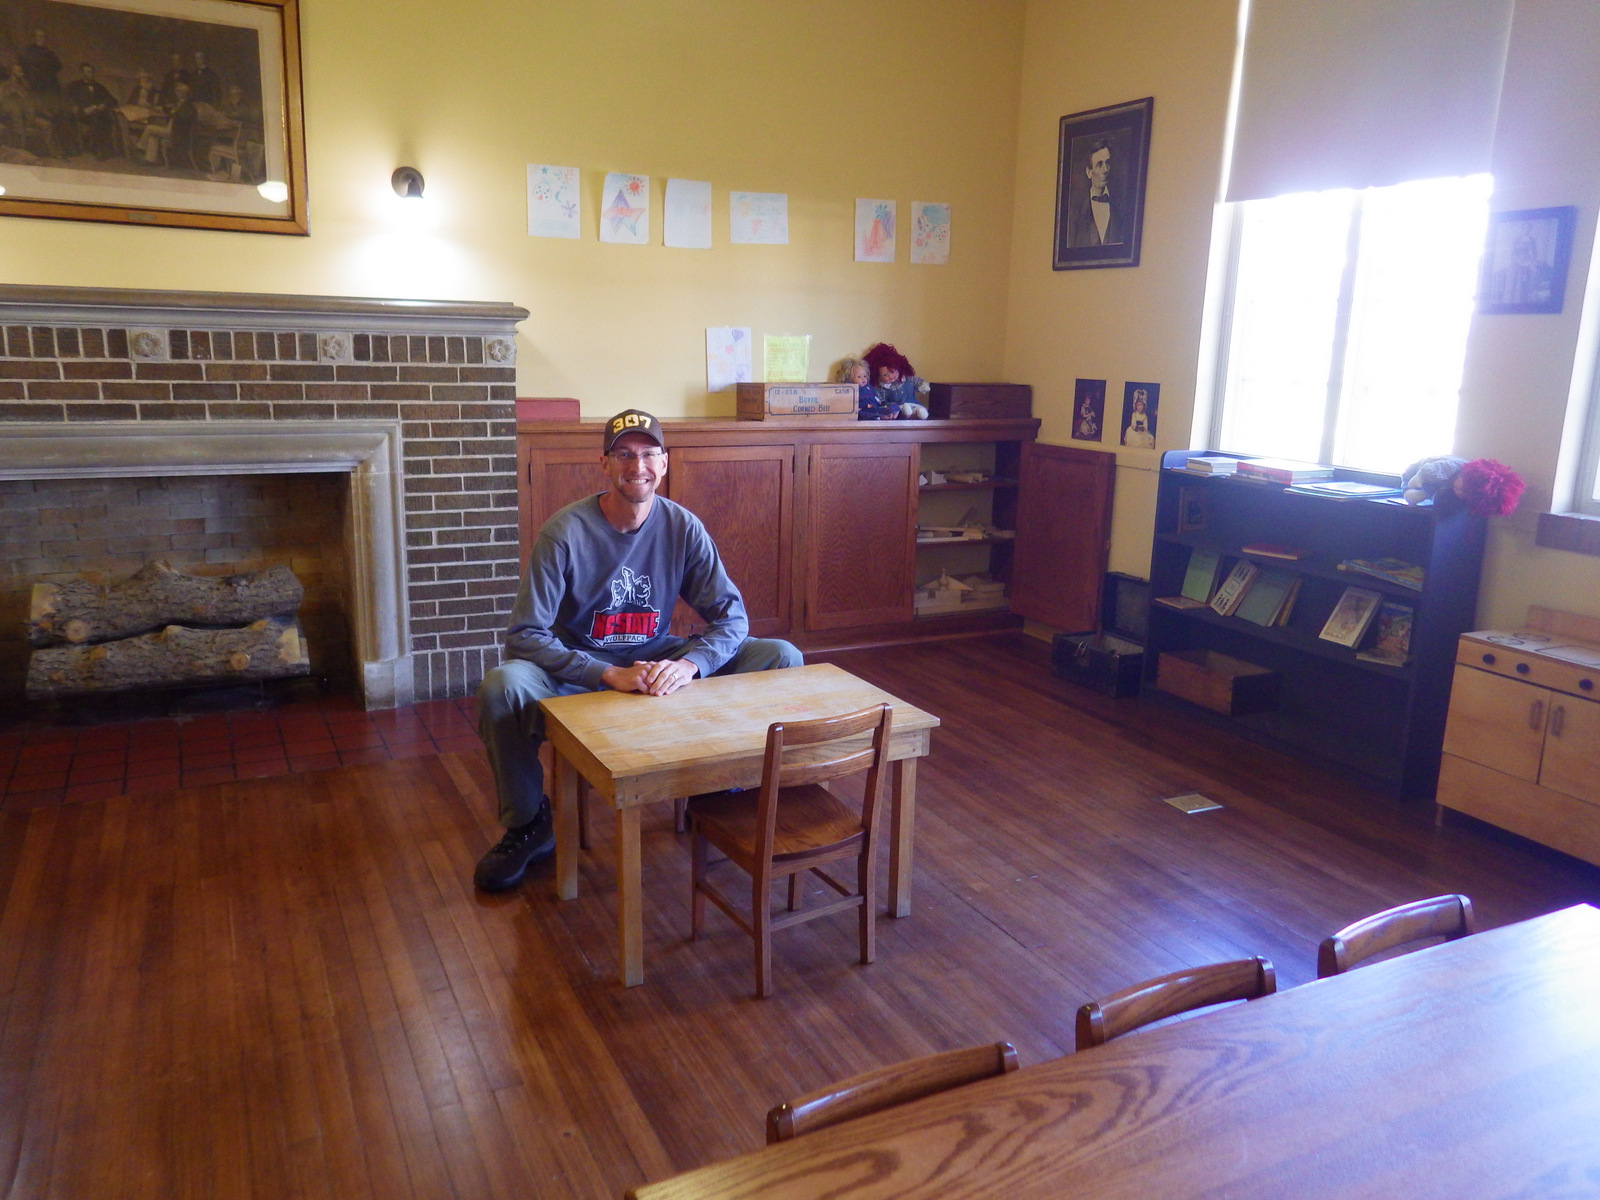 Scott in a kindergarden classroom